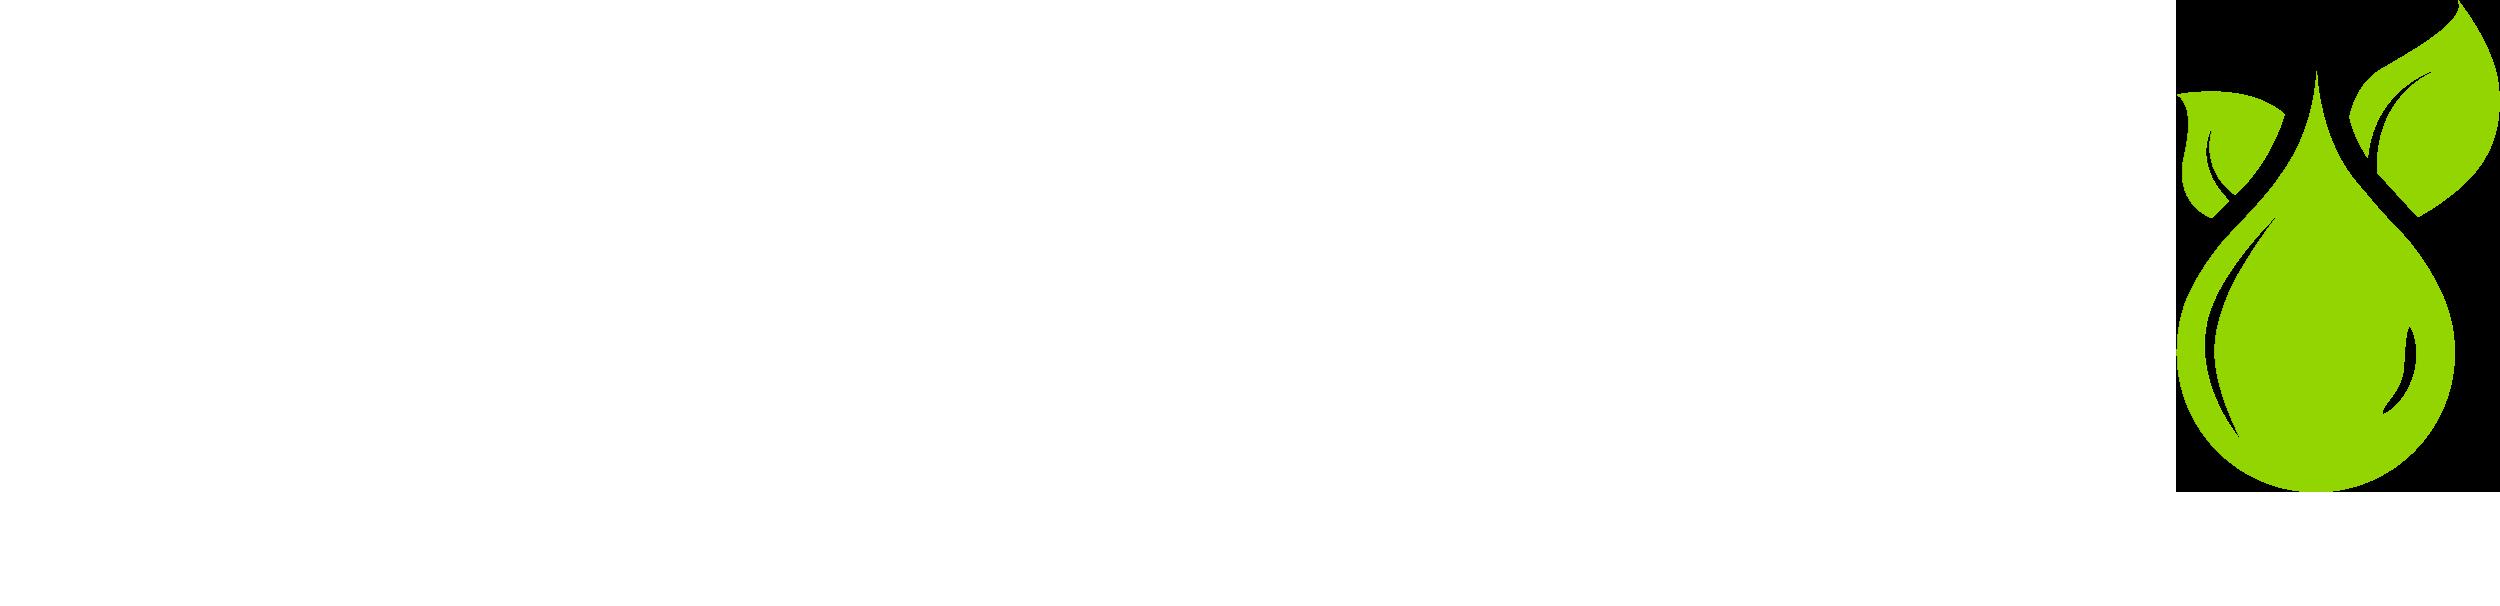 Allpack_Logo_2020-new